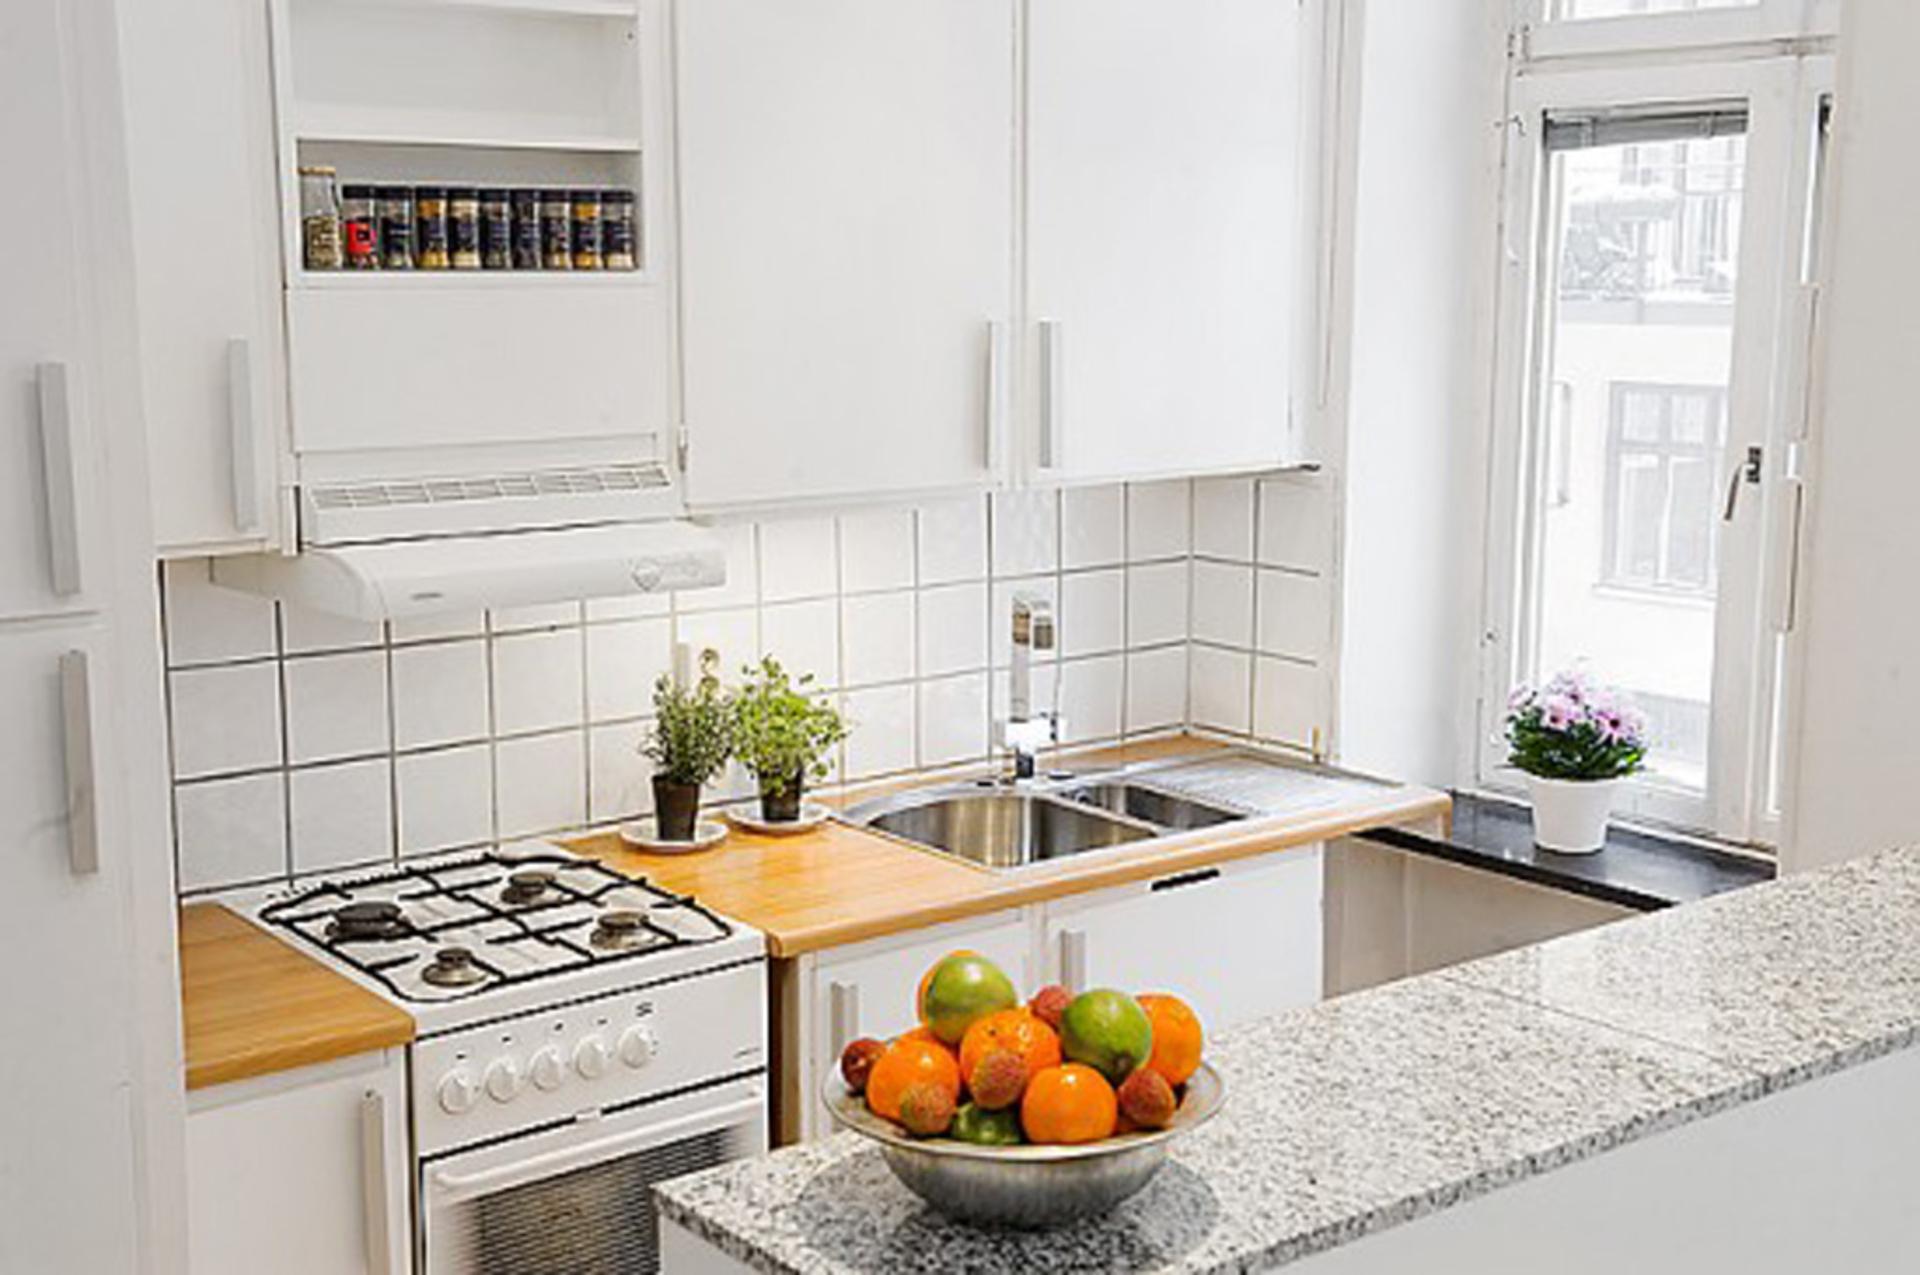 flot-lille-køkken-design-for-lejligheder-fantastisk-ideer-til-dig